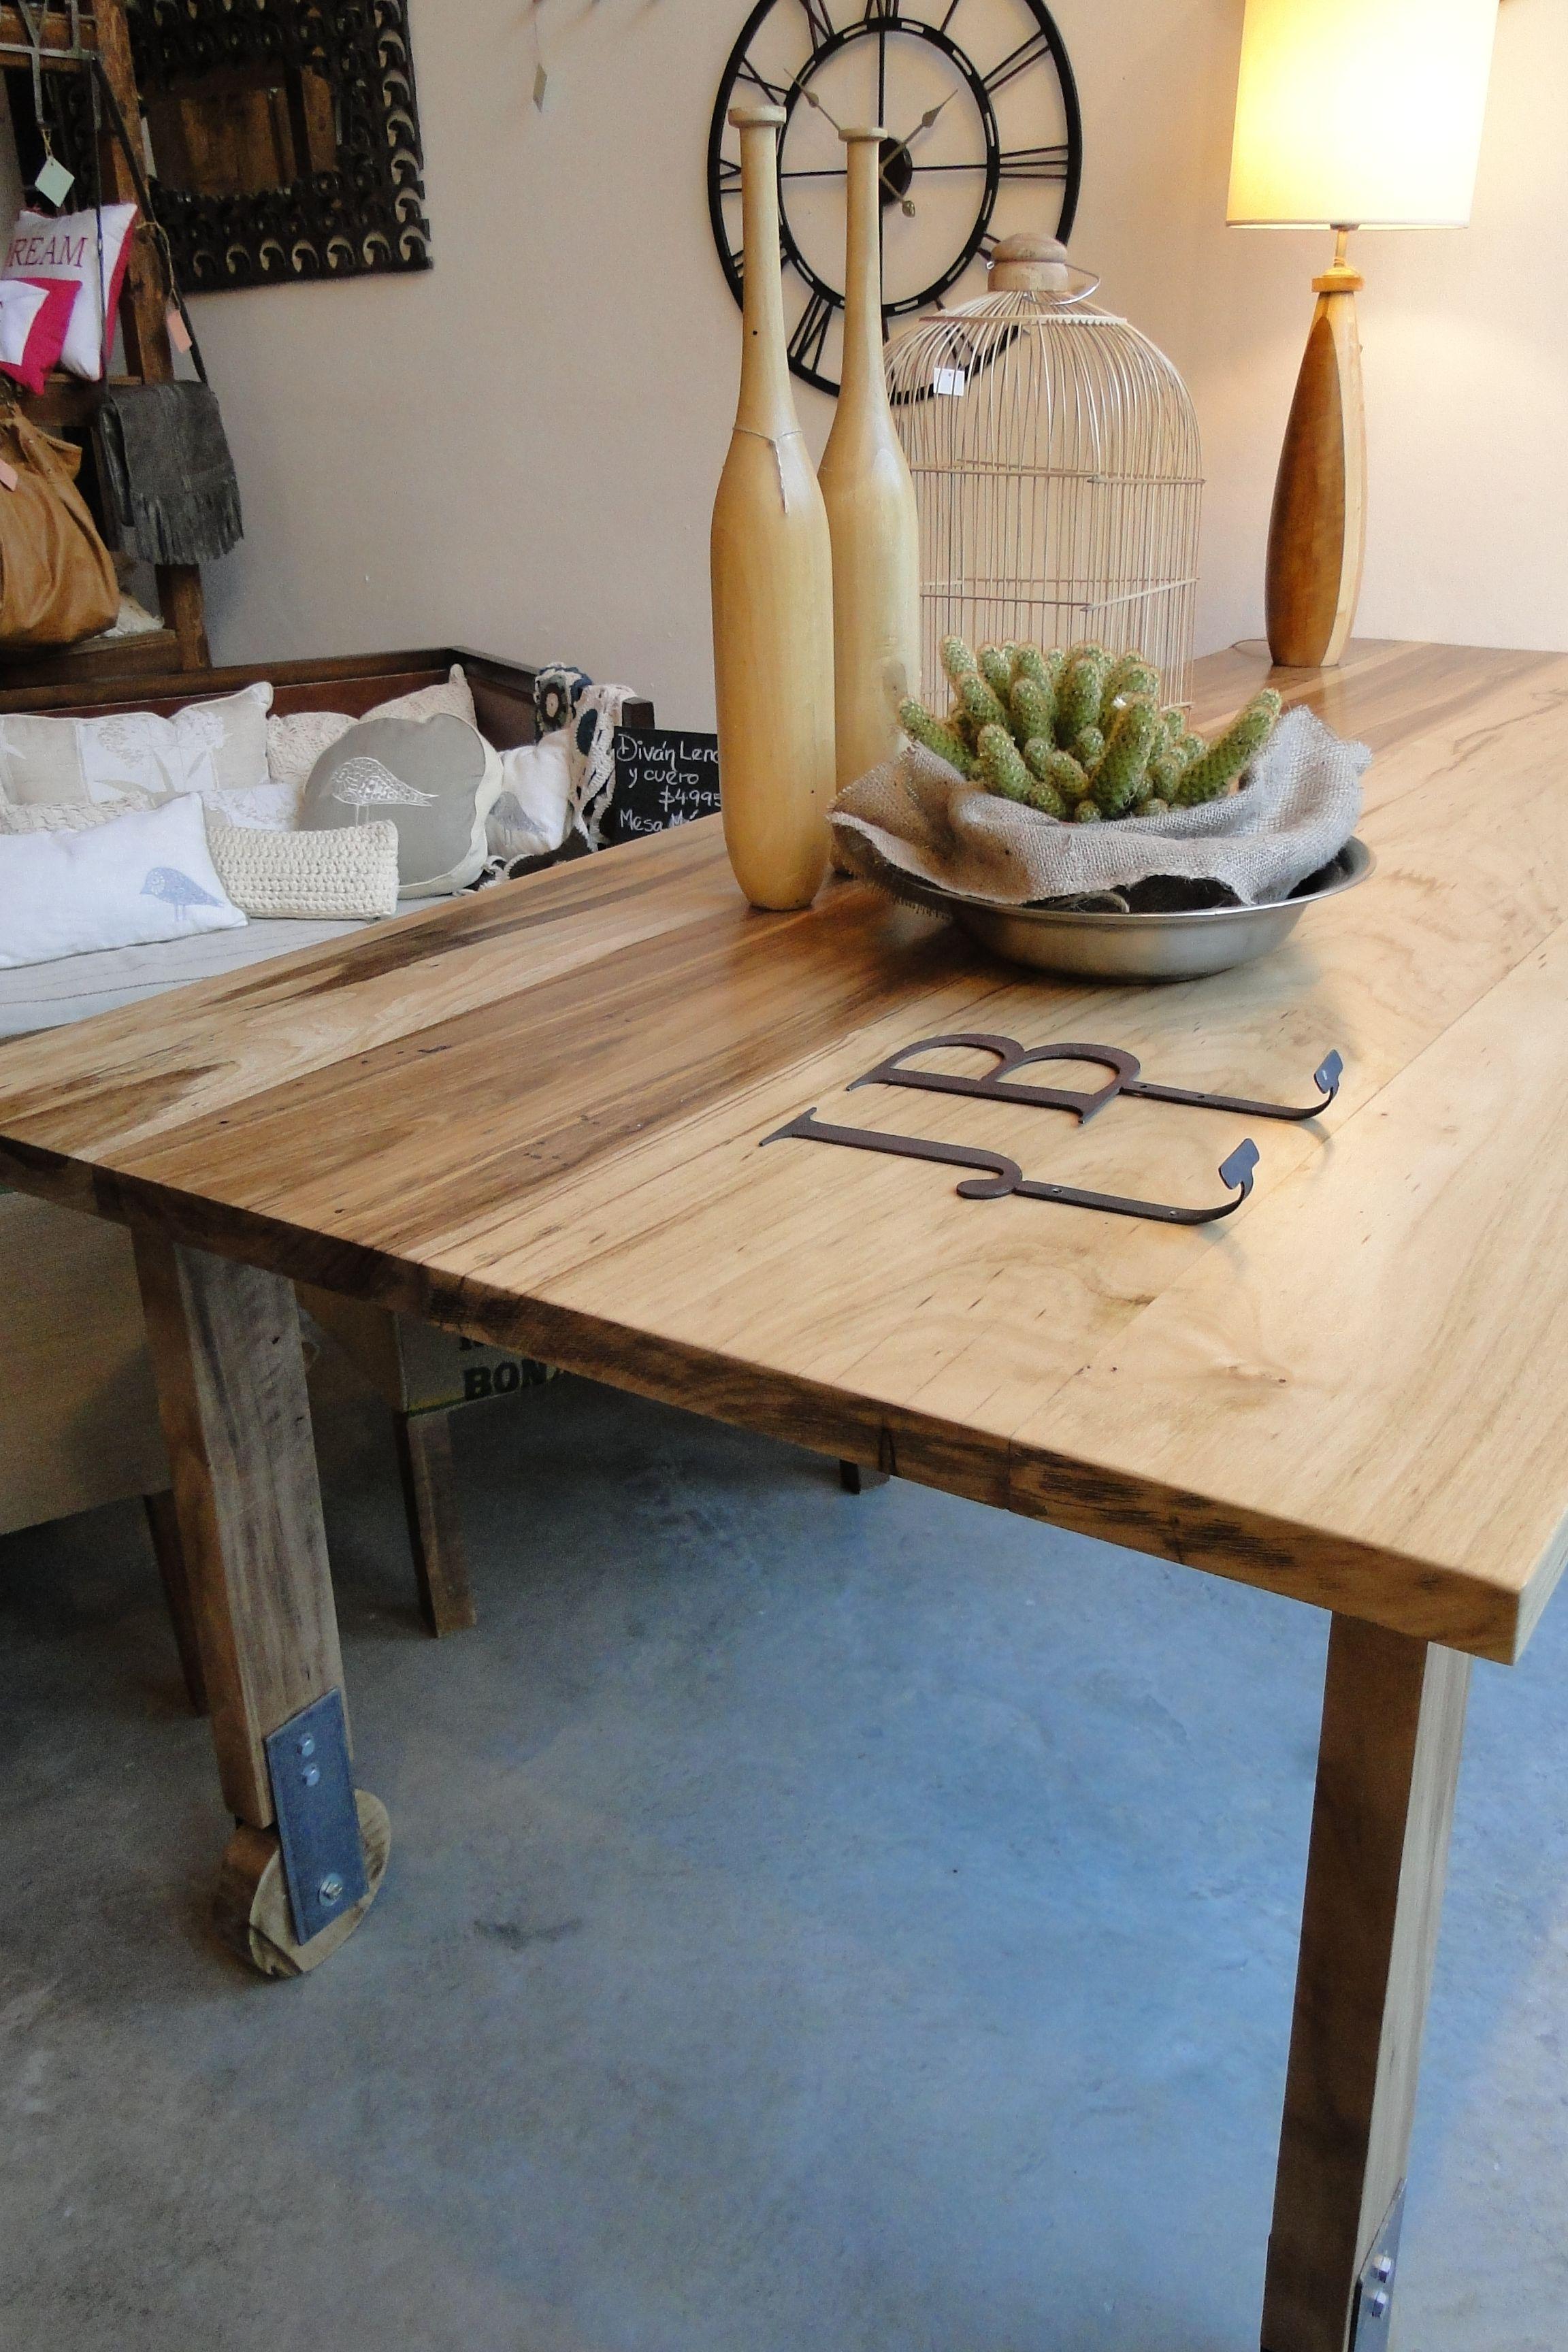 Mesa de comedor en madera de laurel con ruedas el comedor pinterest mesas and industrial - Mesa madera industrial ...